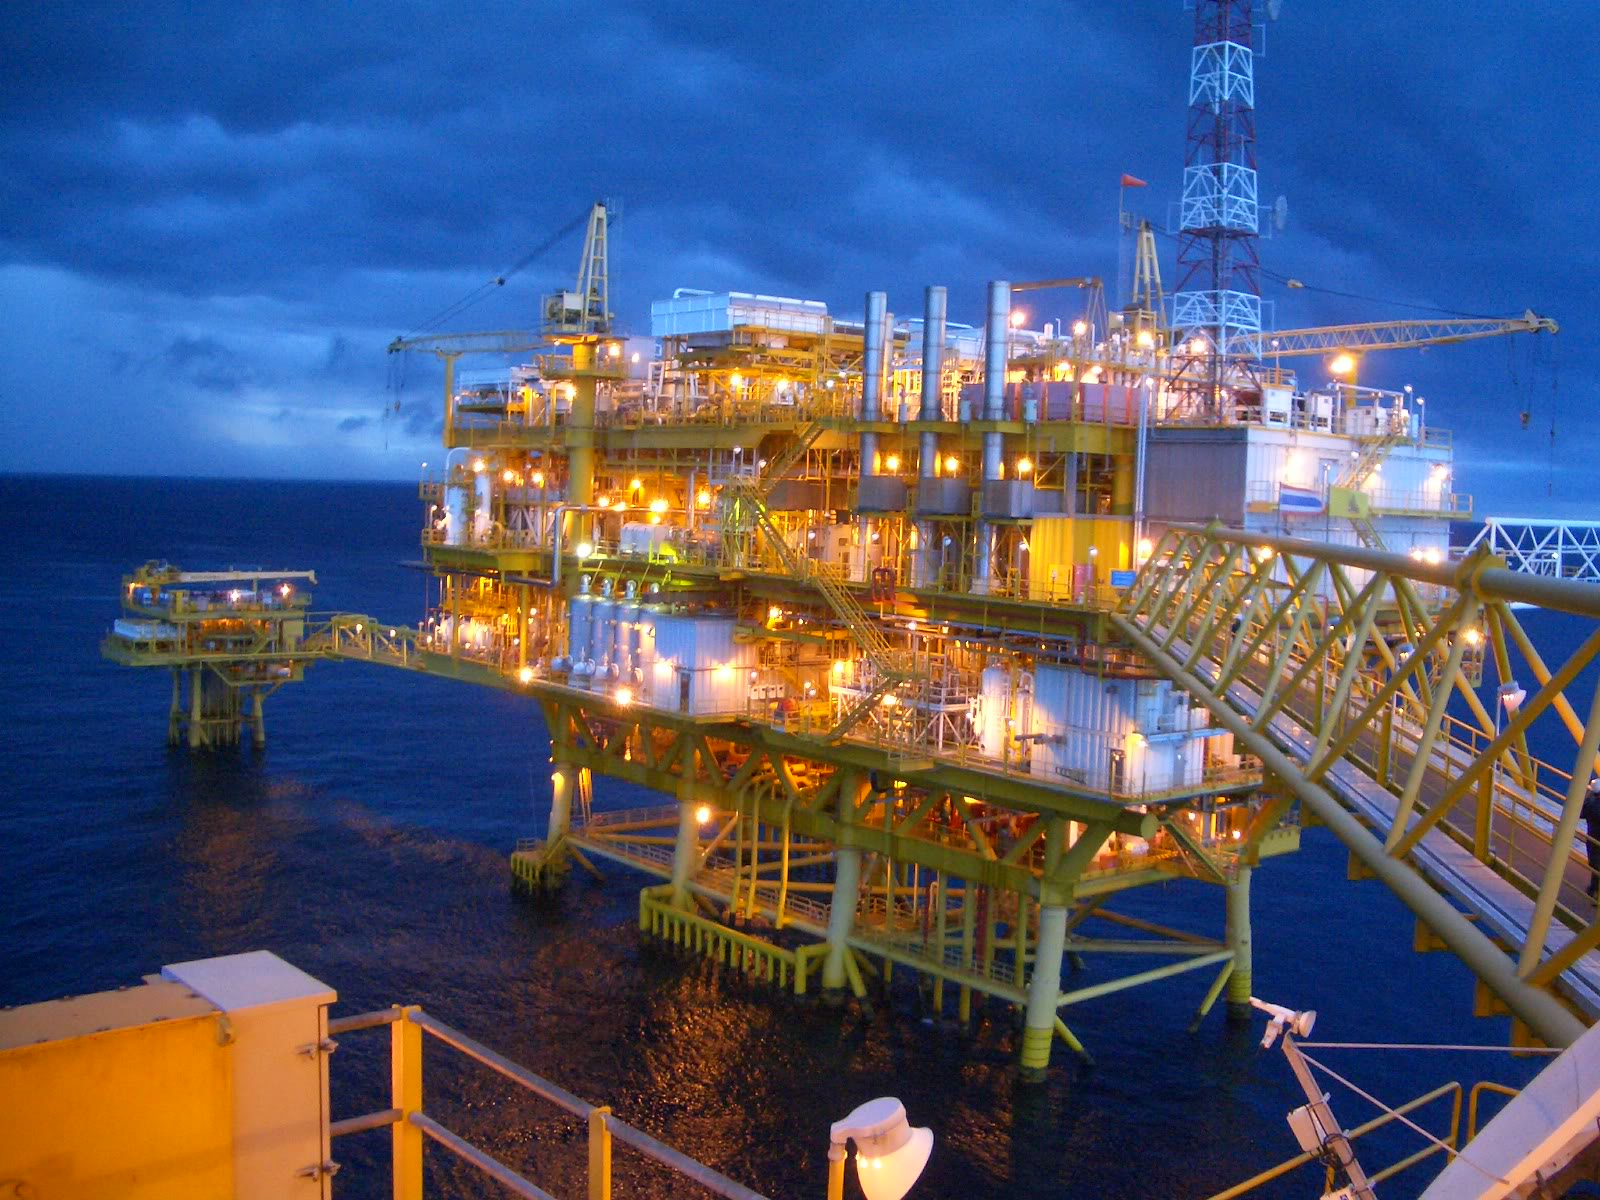 พลังงานโล่ง!แท่นผลิตก๊าซฯอ่าวไทยไม่เสียหายคาด7ม.ค.ผลิตได้เต็มที่